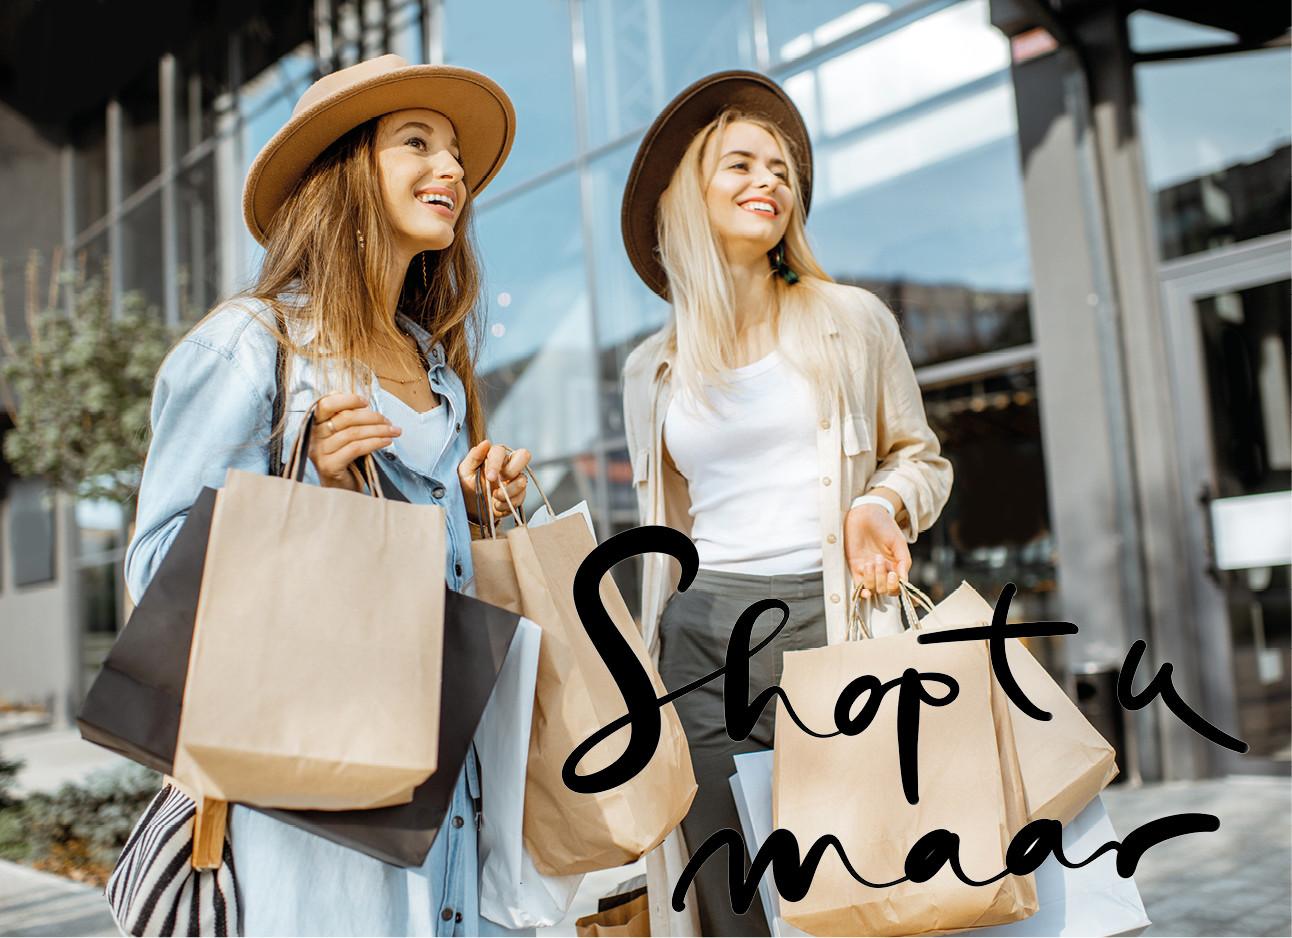 meiden die samen aan het winkelen zijn